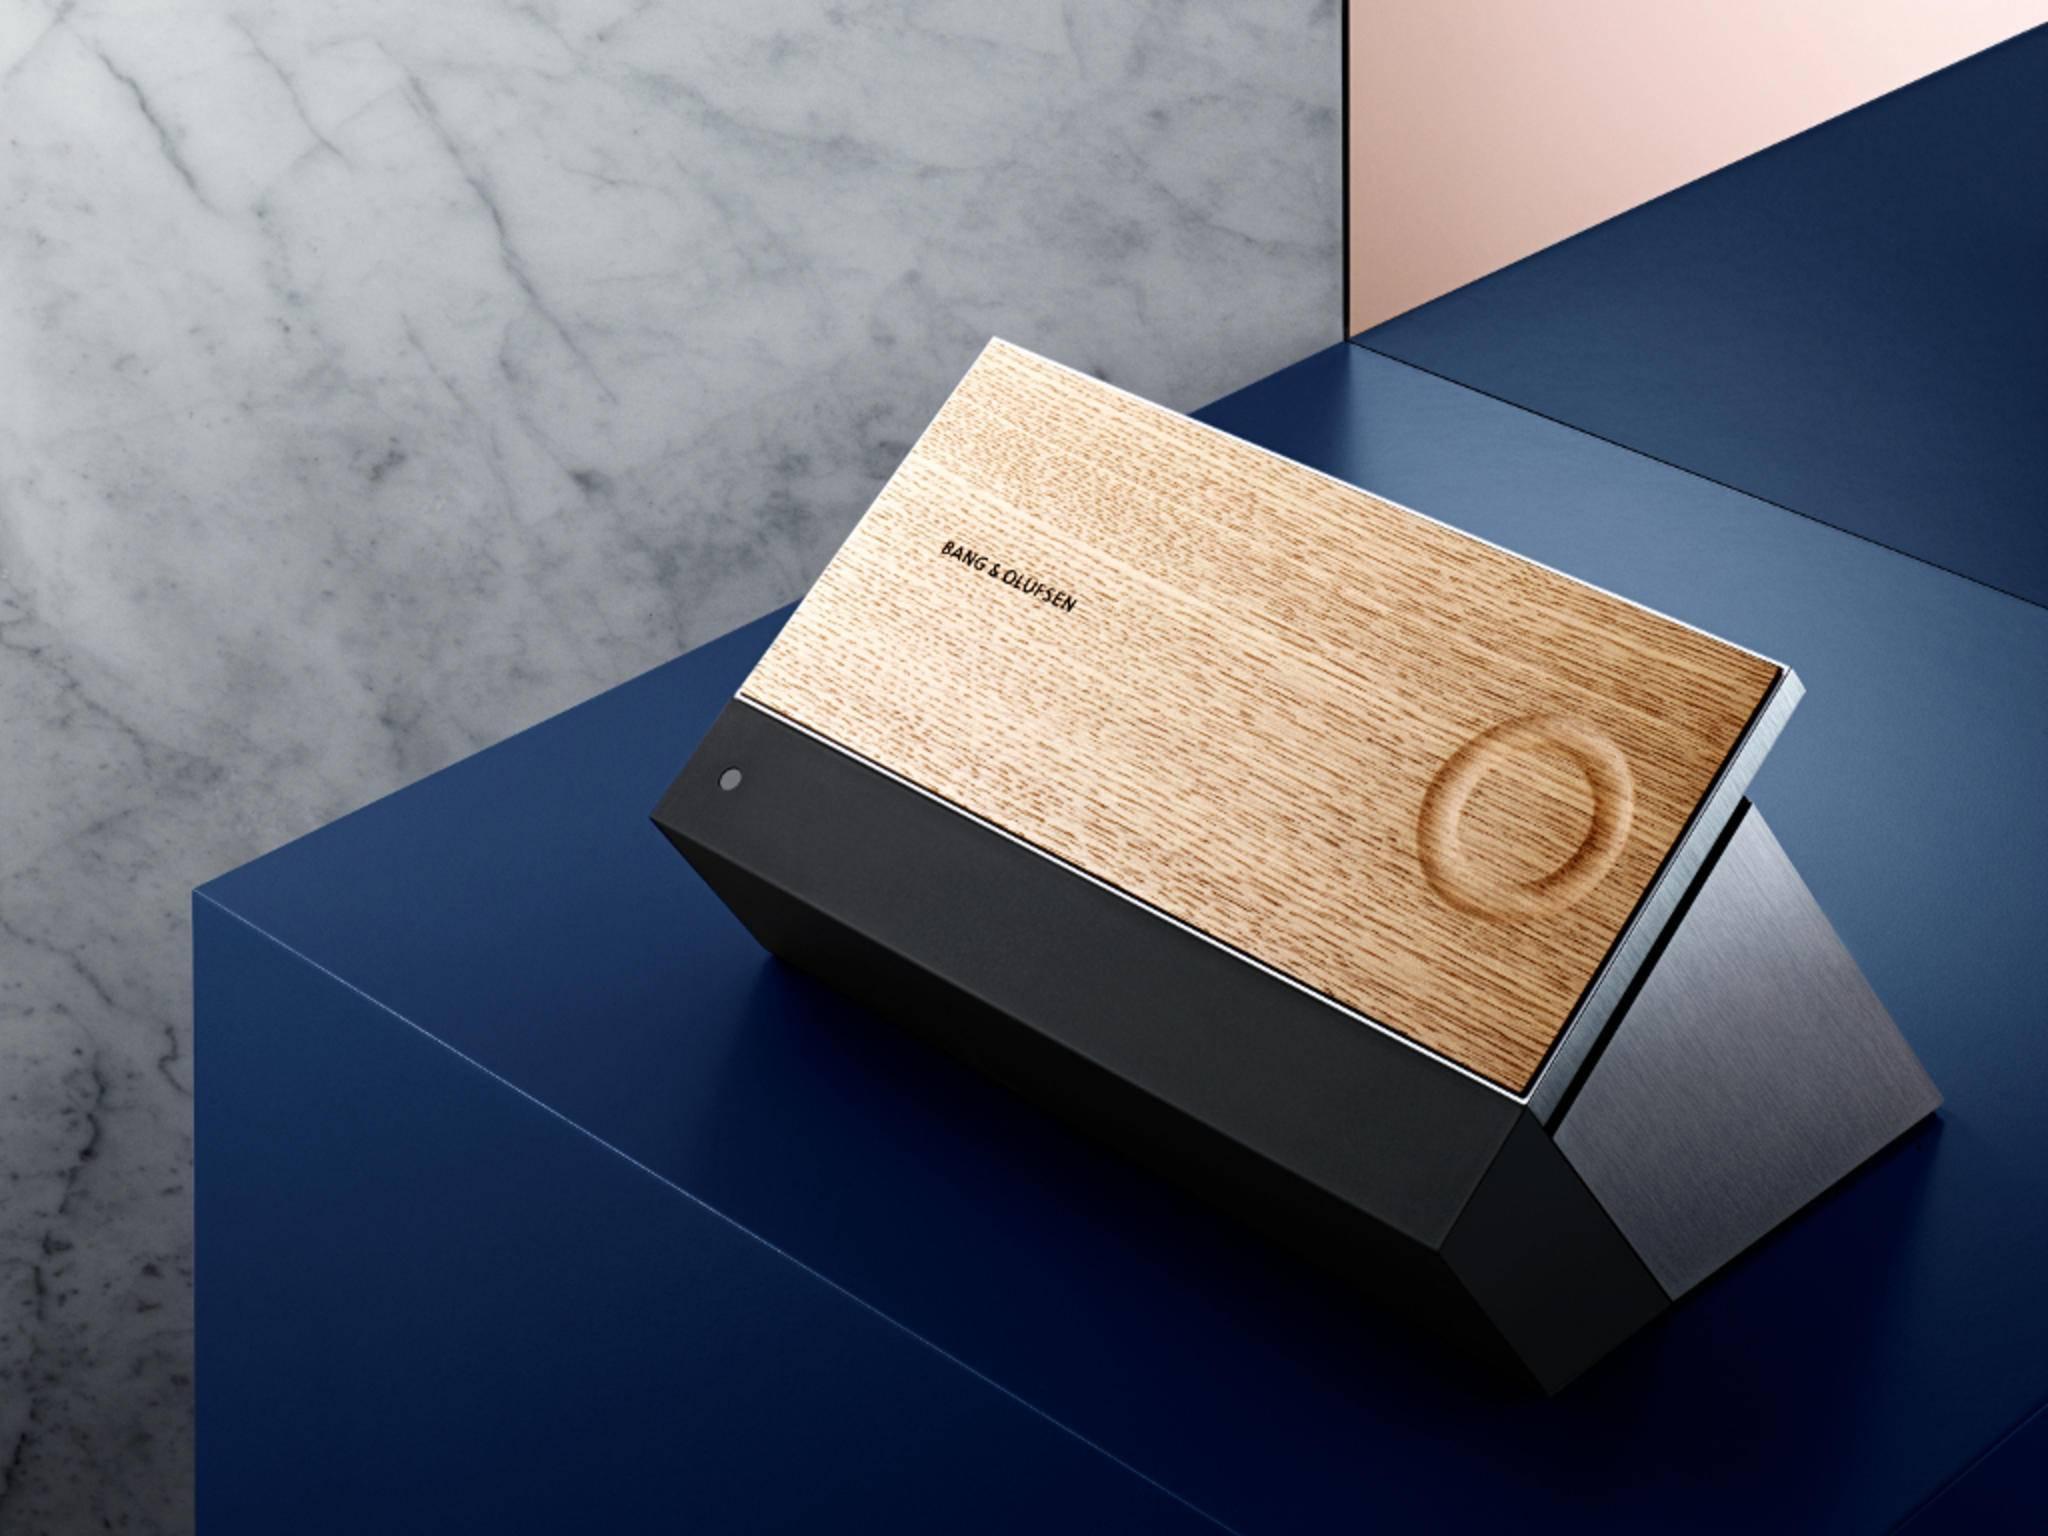 Der BeoSound Moment besitzt eine stylische Touch-Oberfläche aus Eichenholz.